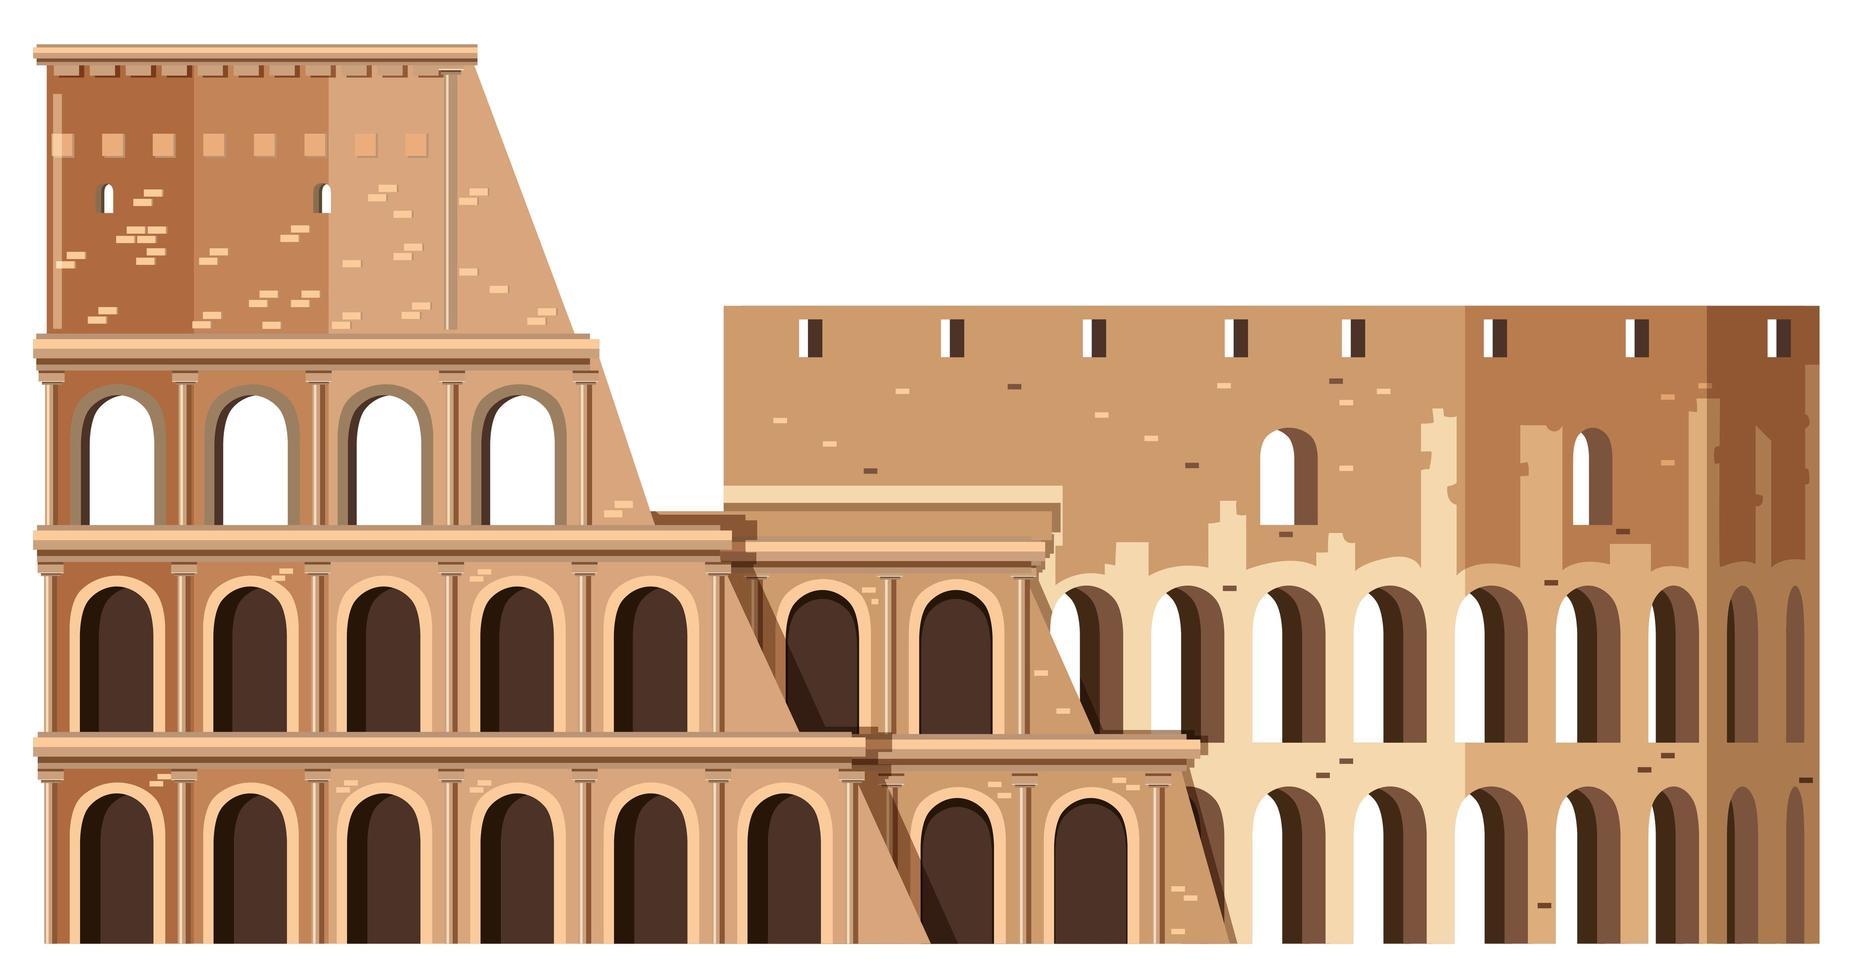 Colosseum In Rome Italië Oriëntatiepunt vector